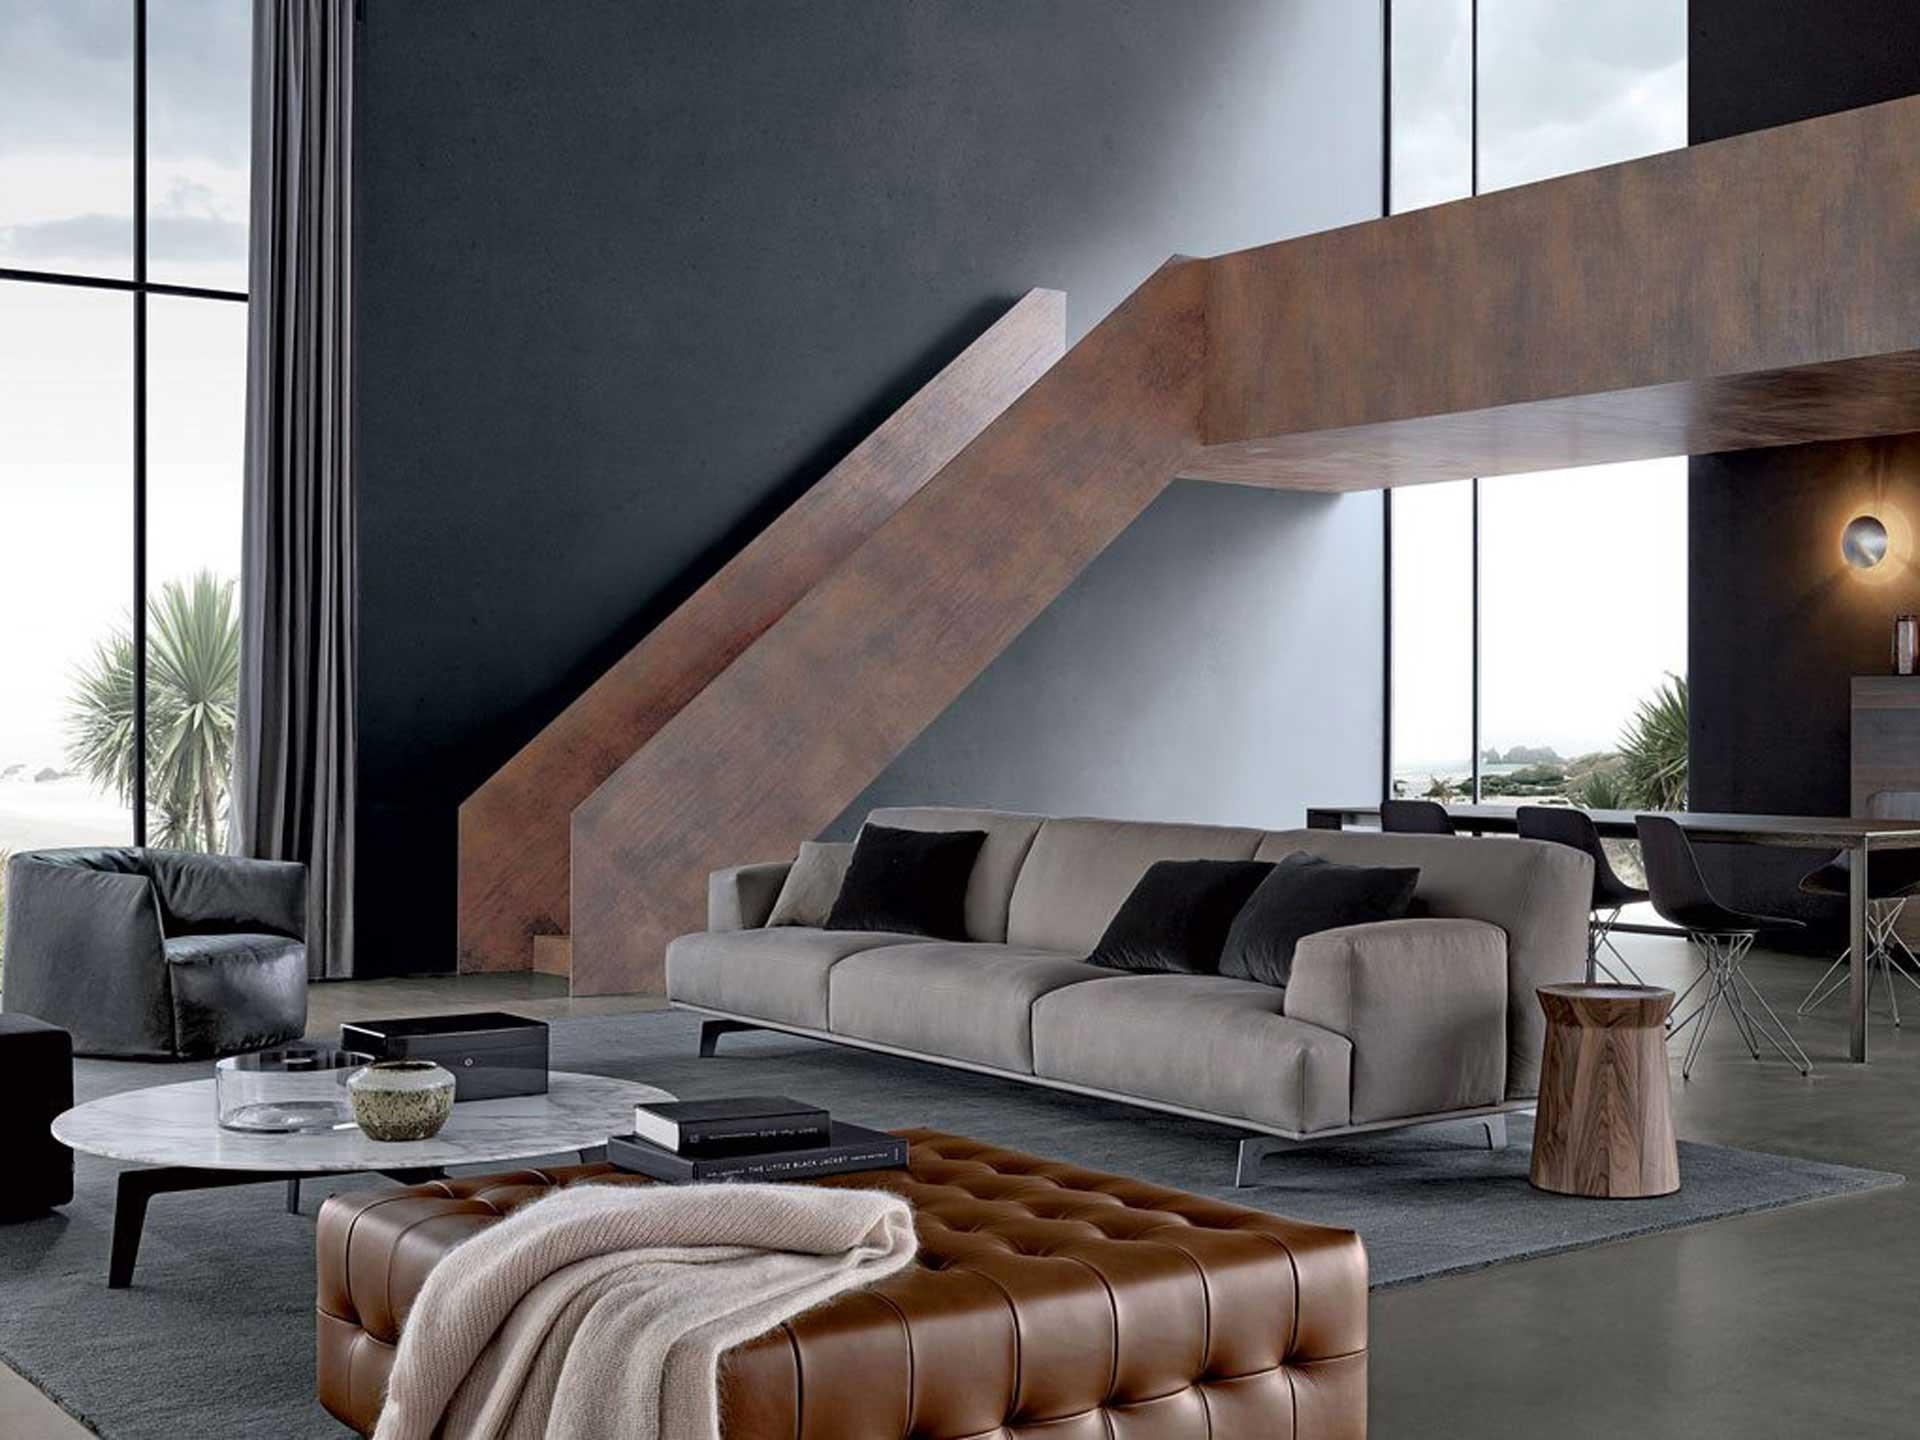 D absolute design interior design architecture and furnishing solutions in lecce and bari - Interior design bari ...